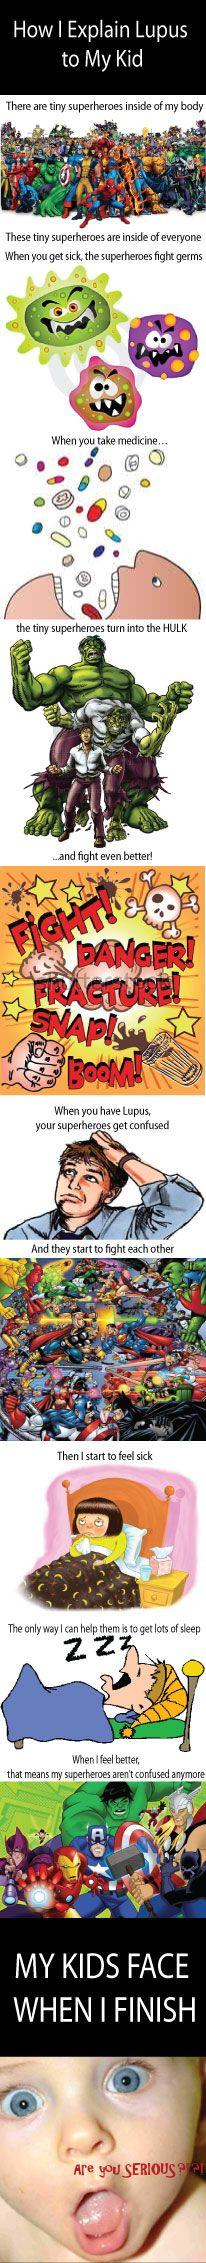 #lupus awareness... explaining lupus to a kid